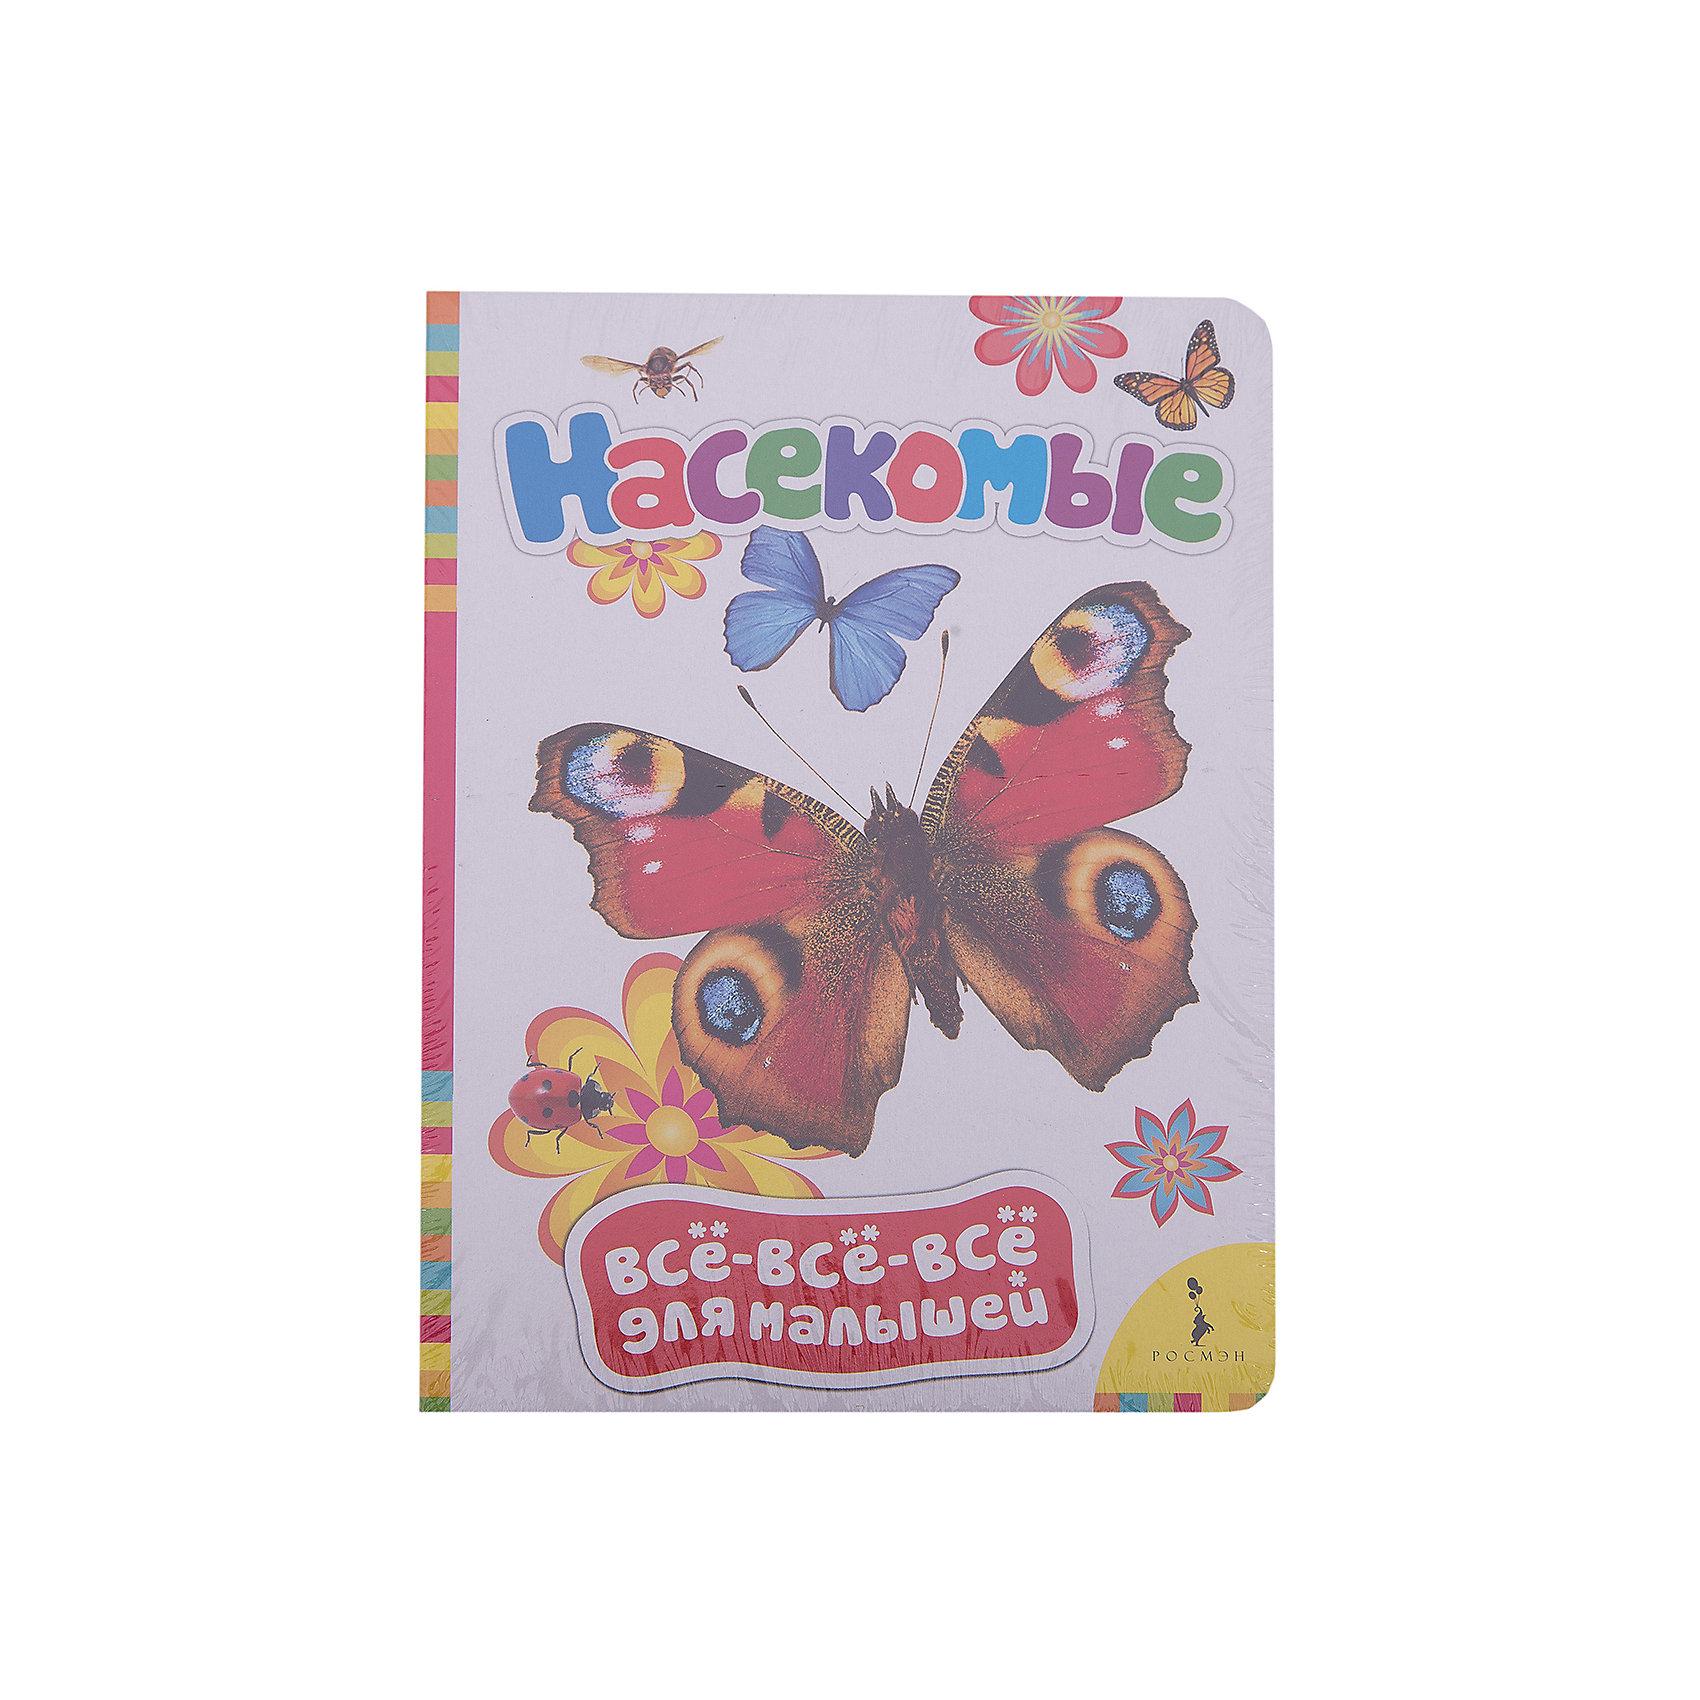 Насекомые, Все-все-все для малышейХарактеристики товара:<br><br>- цвет: разноцветный;<br>- материал: бумага;<br>- страниц: 8;<br>- формат: 22 х 16 см;<br>- обложка: картон;<br>- цветные иллюстрации. <br><br>Эта полезная книга станет отличным подарком для родителей и ребенка. Она содержит в себе фотографии, а также интересные вопросы и задания, связанные с насекомыми. Отличный способ привить малышу любовь к занятиям и начать обучение!<br>Чтение и рассматривание картинок даже в юном возрасте помогает ребенку развивать память, концентрацию внимания и воображение. Издание произведено из качественных материалов, которые безопасны даже для самых маленьких.<br><br>Издание Насекомые, Все-все-все для малышей от компании Росмэн можно купить в нашем интернет-магазине.<br><br>Ширина мм: 220<br>Глубина мм: 160<br>Высота мм: 4<br>Вес г: 111<br>Возраст от месяцев: 0<br>Возраст до месяцев: 36<br>Пол: Унисекс<br>Возраст: Детский<br>SKU: 5110066